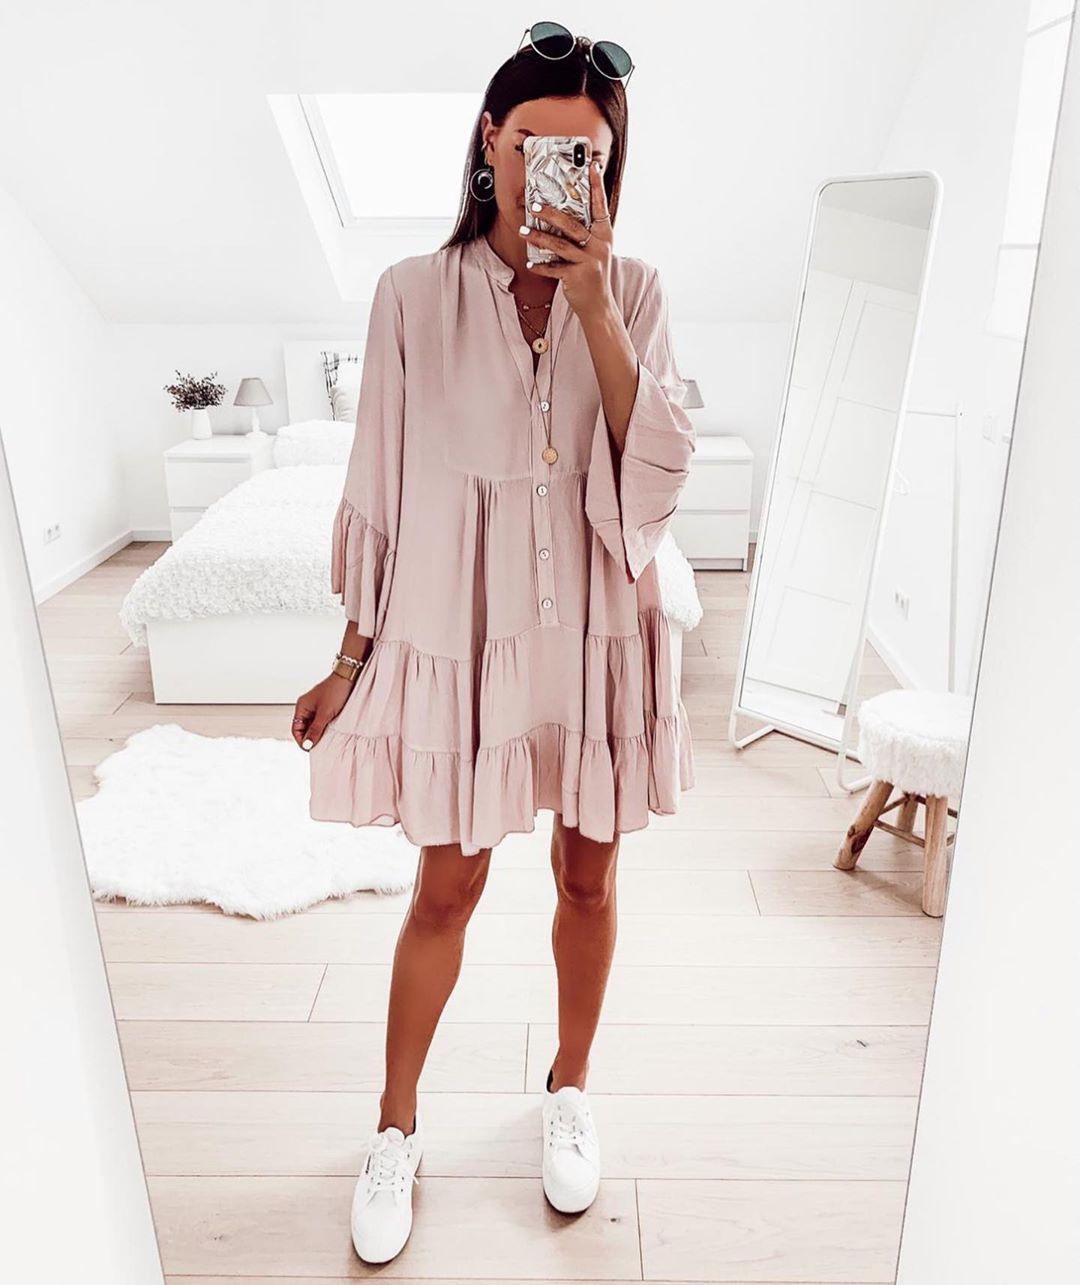 Kreativ Abend Dress Instagram für 201913 Schön Abend Dress Instagram Ärmel